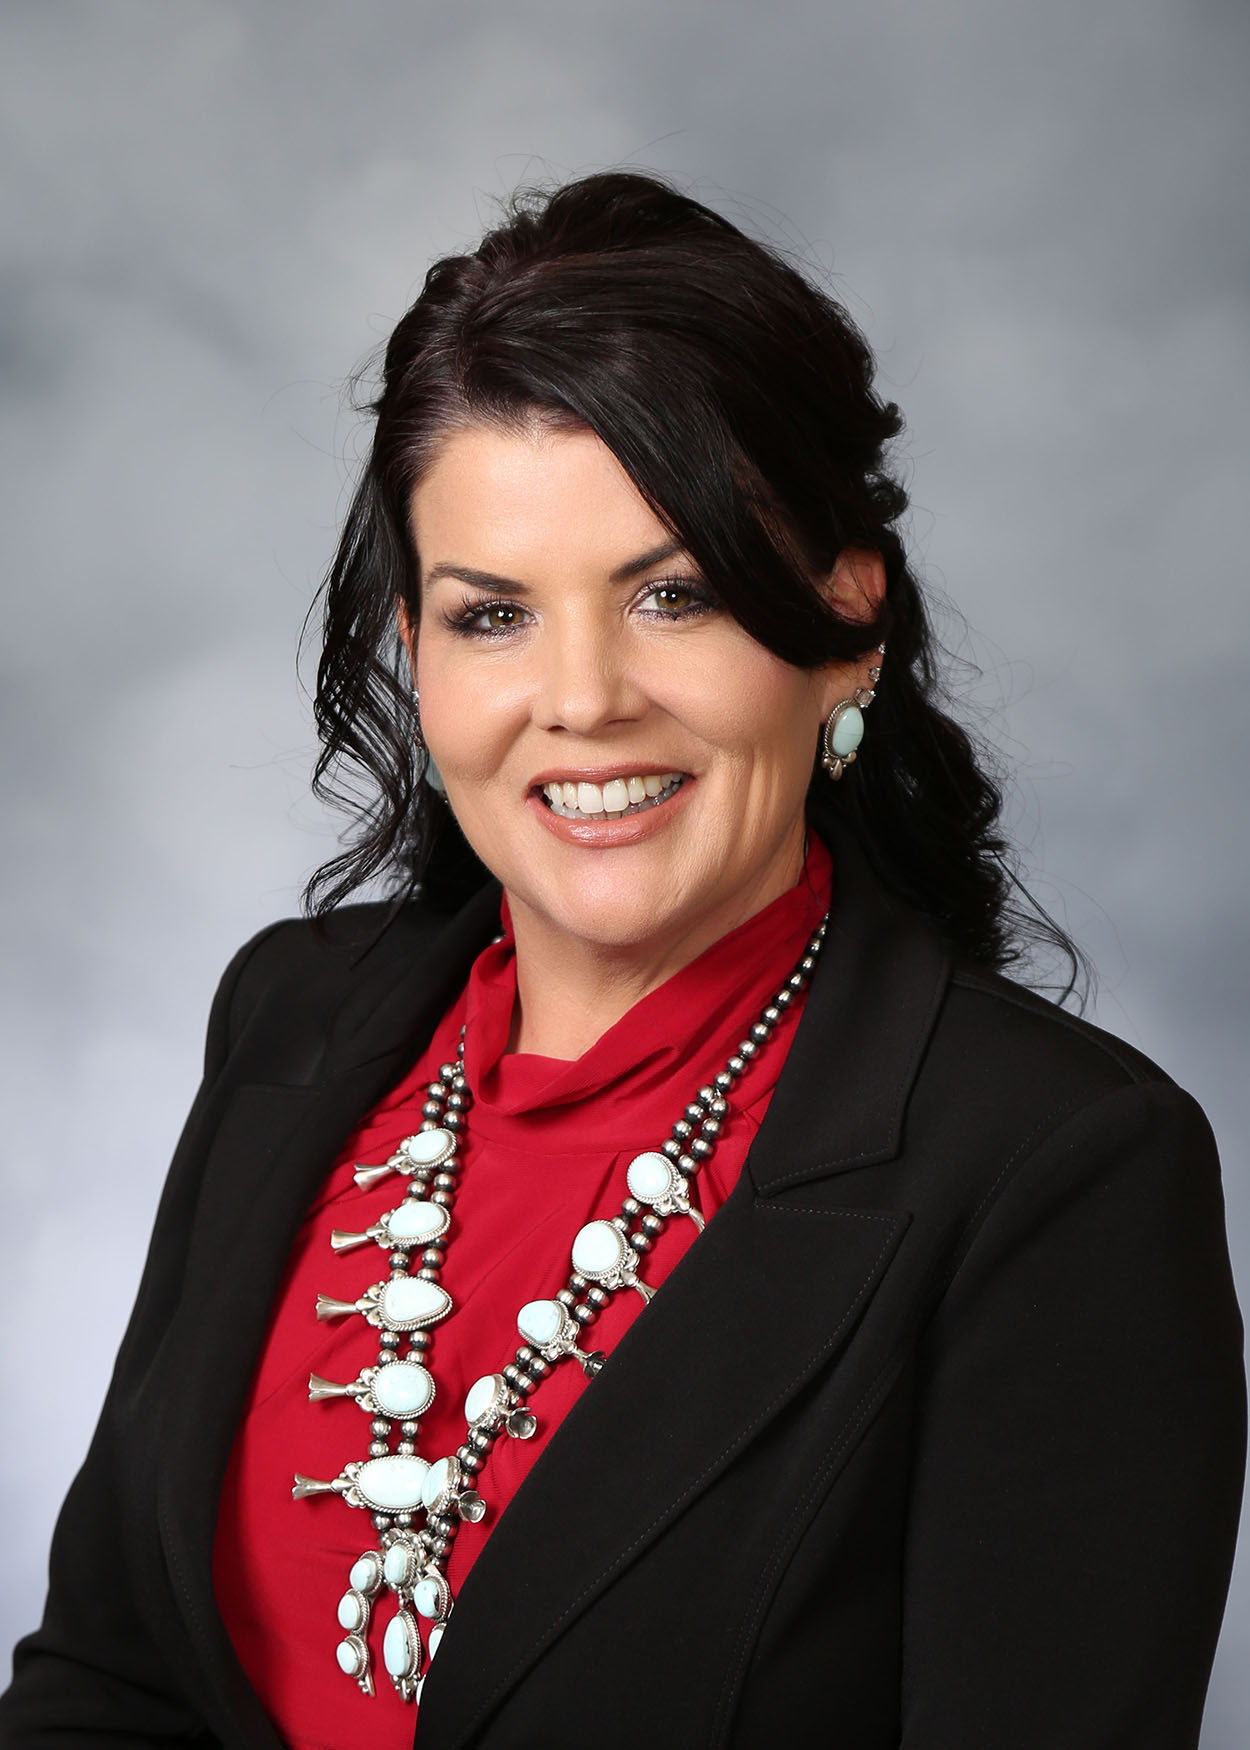 Angie Meier